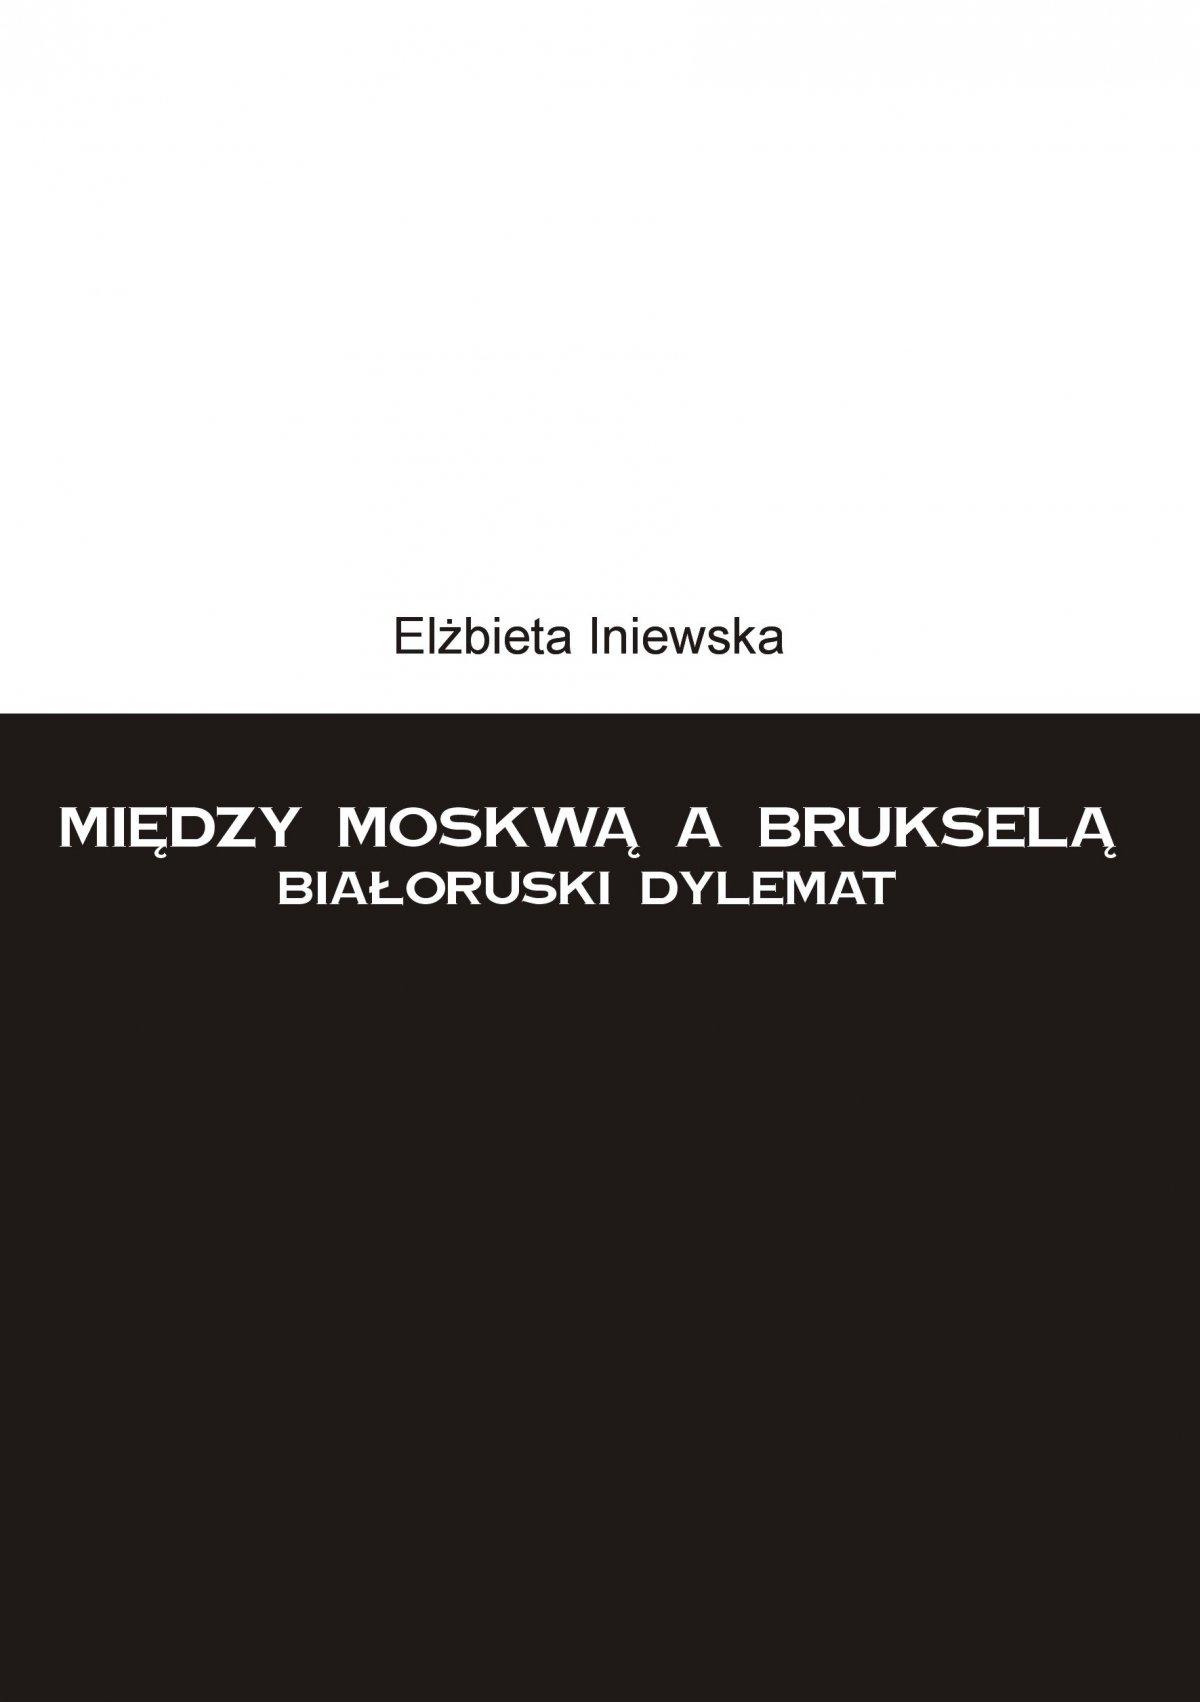 Między Moskwą a Brukselą. Białoruski dylemat - Ebook (Książka PDF) do pobrania w formacie PDF